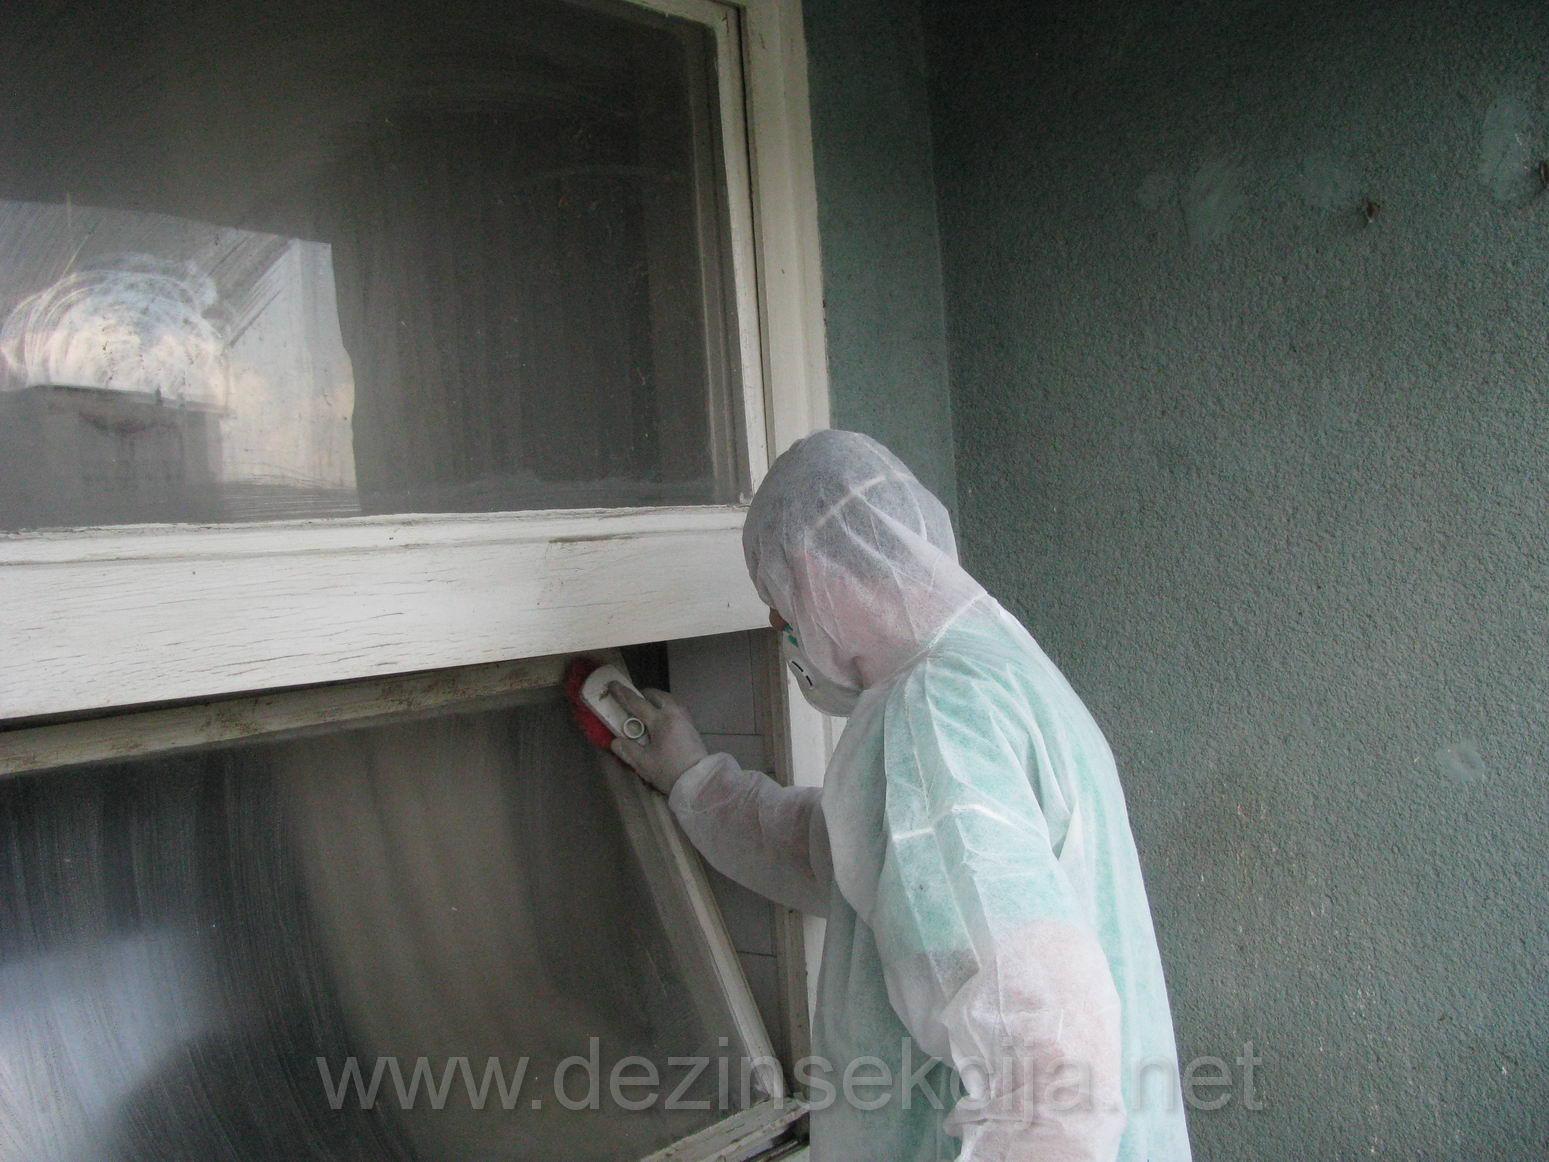 Ciscenje stanova i terasa od golubova u Beogradu i Novom Sadu 01